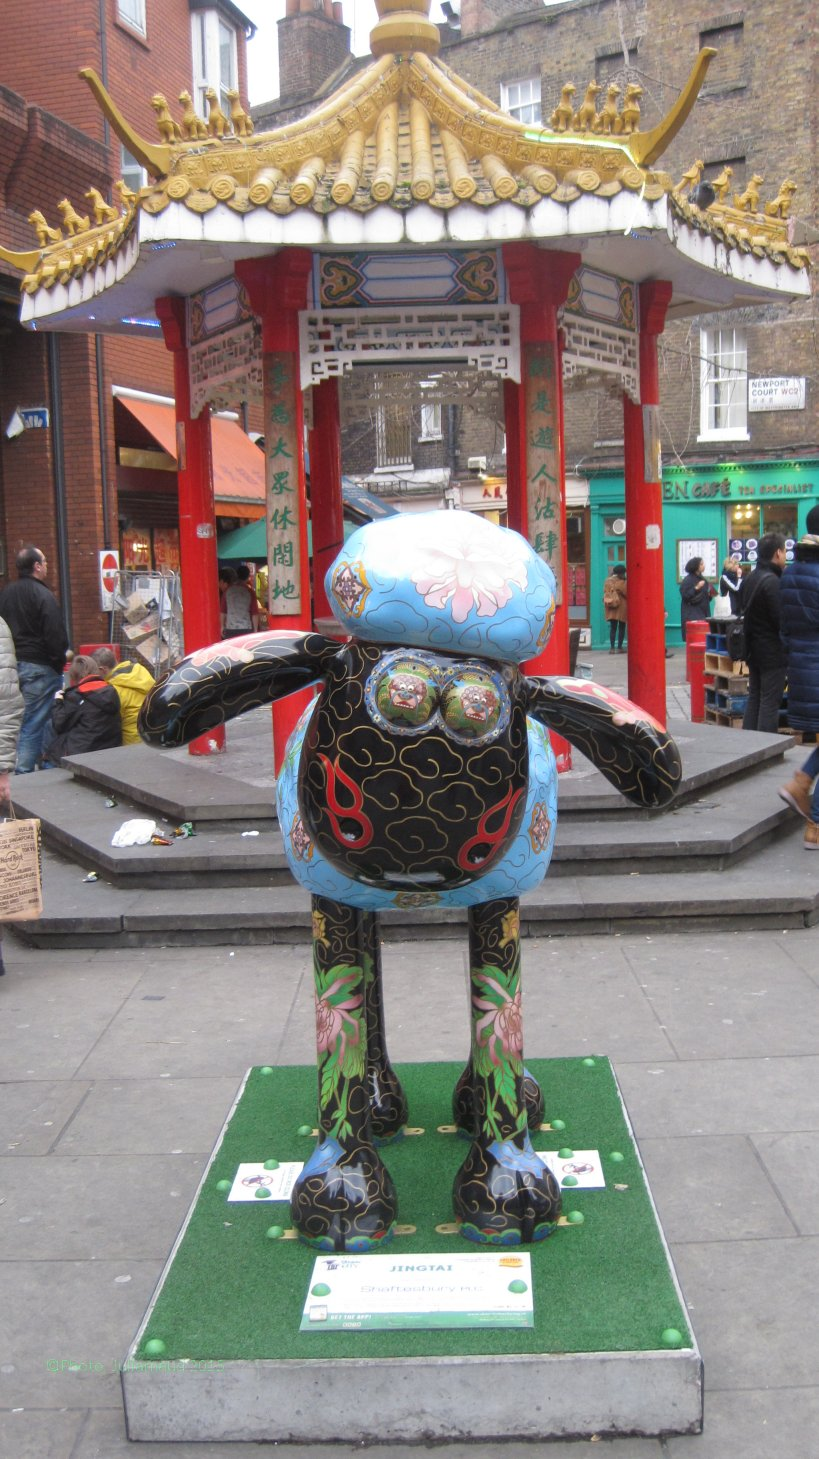 Shaun in Chinatown -  Photo copyright Juliamaud